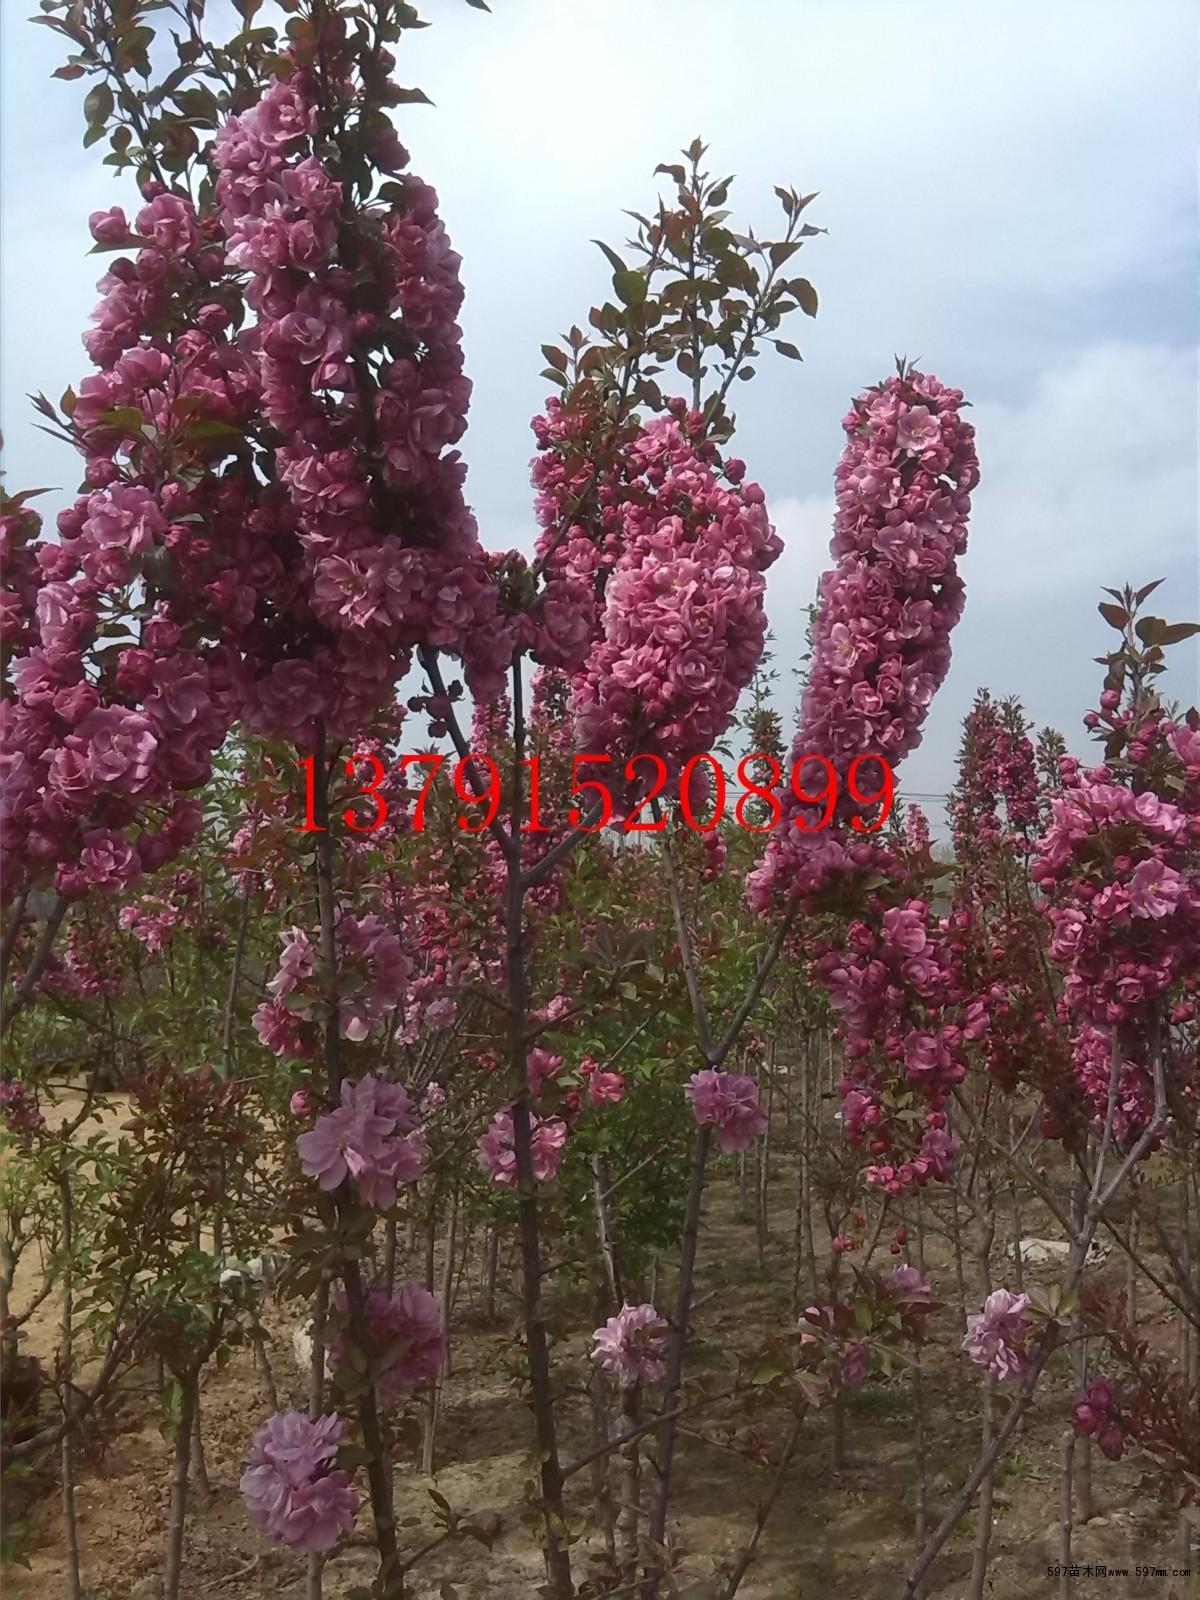 北美海棠品种图片|苗木|苗木图库|597苗木网